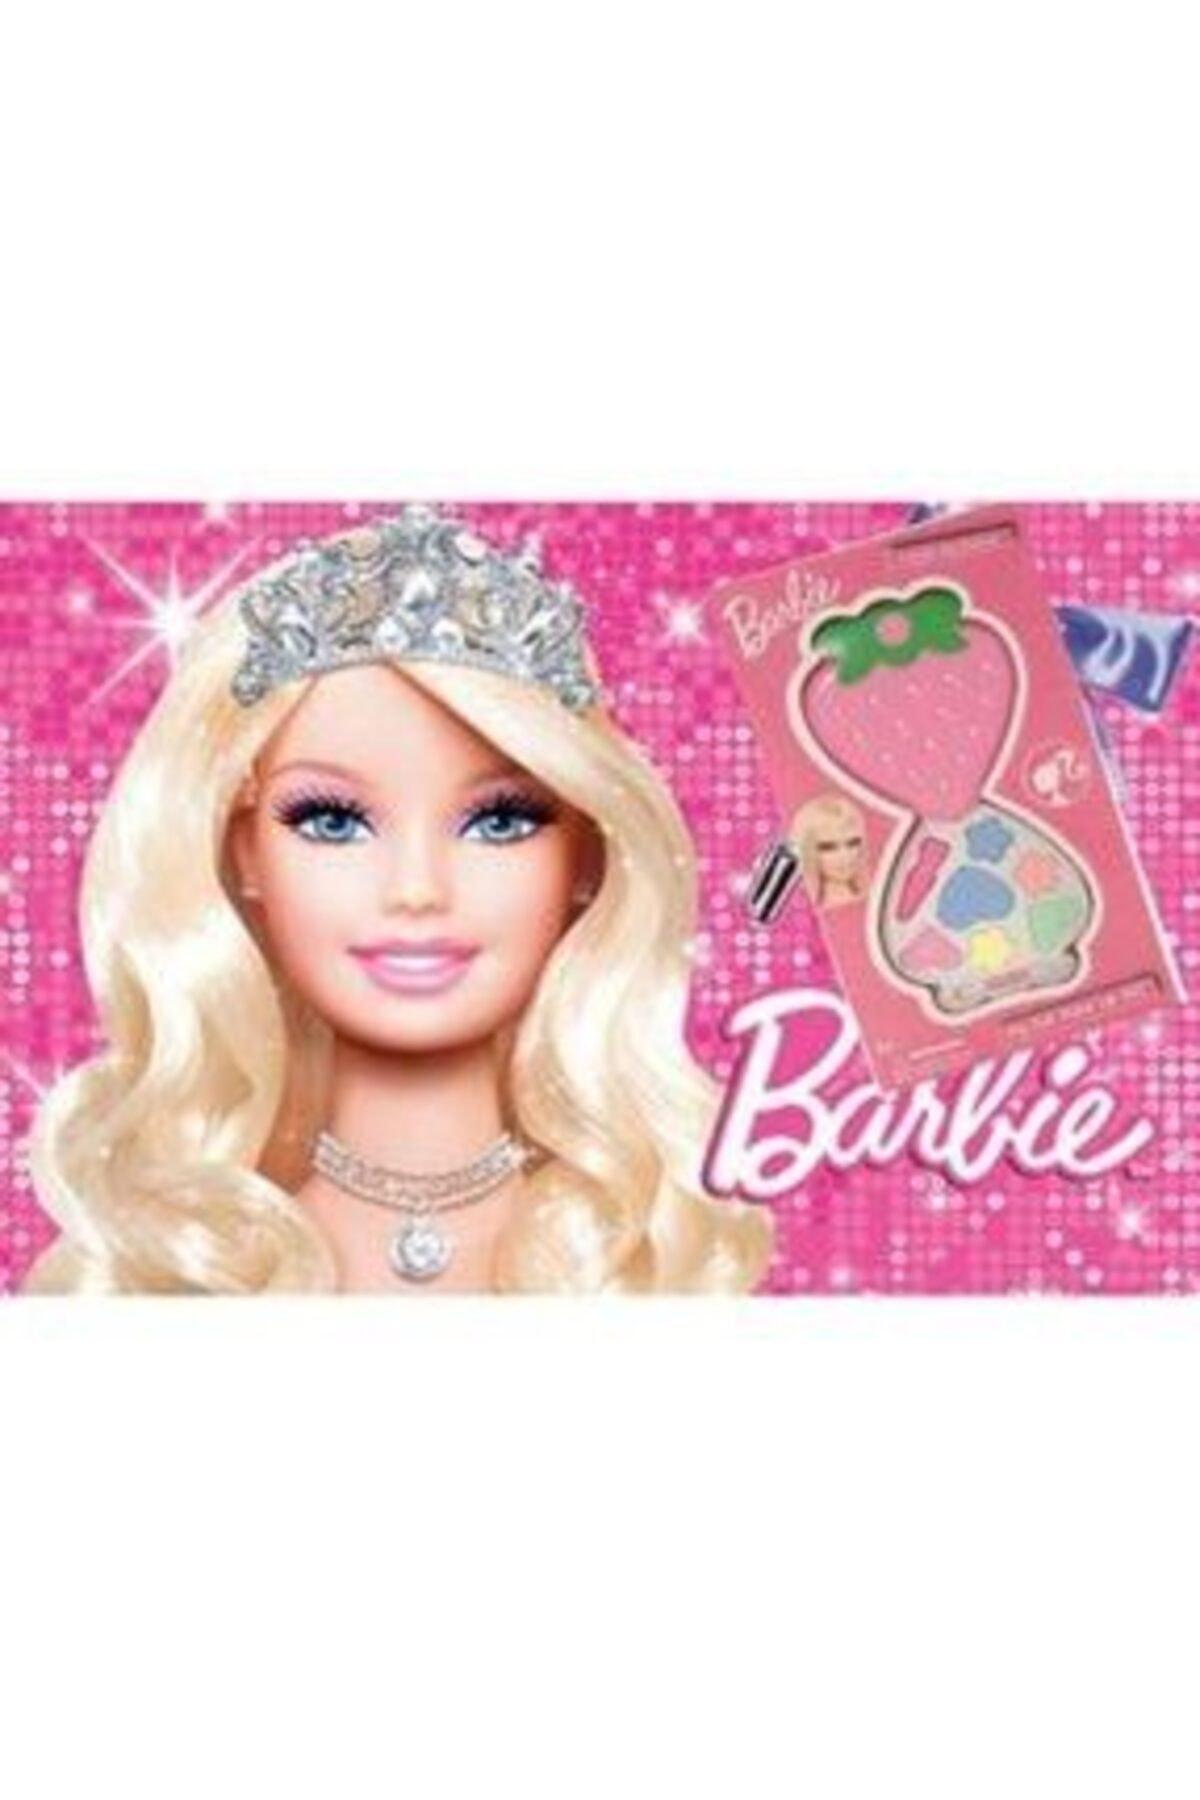 TORUTOYS Oyuncakchi Barbie Makyaj Set Gerçek Sürülebilir Ce Belgeli Oyuncak Barbi Makyaj Vel359